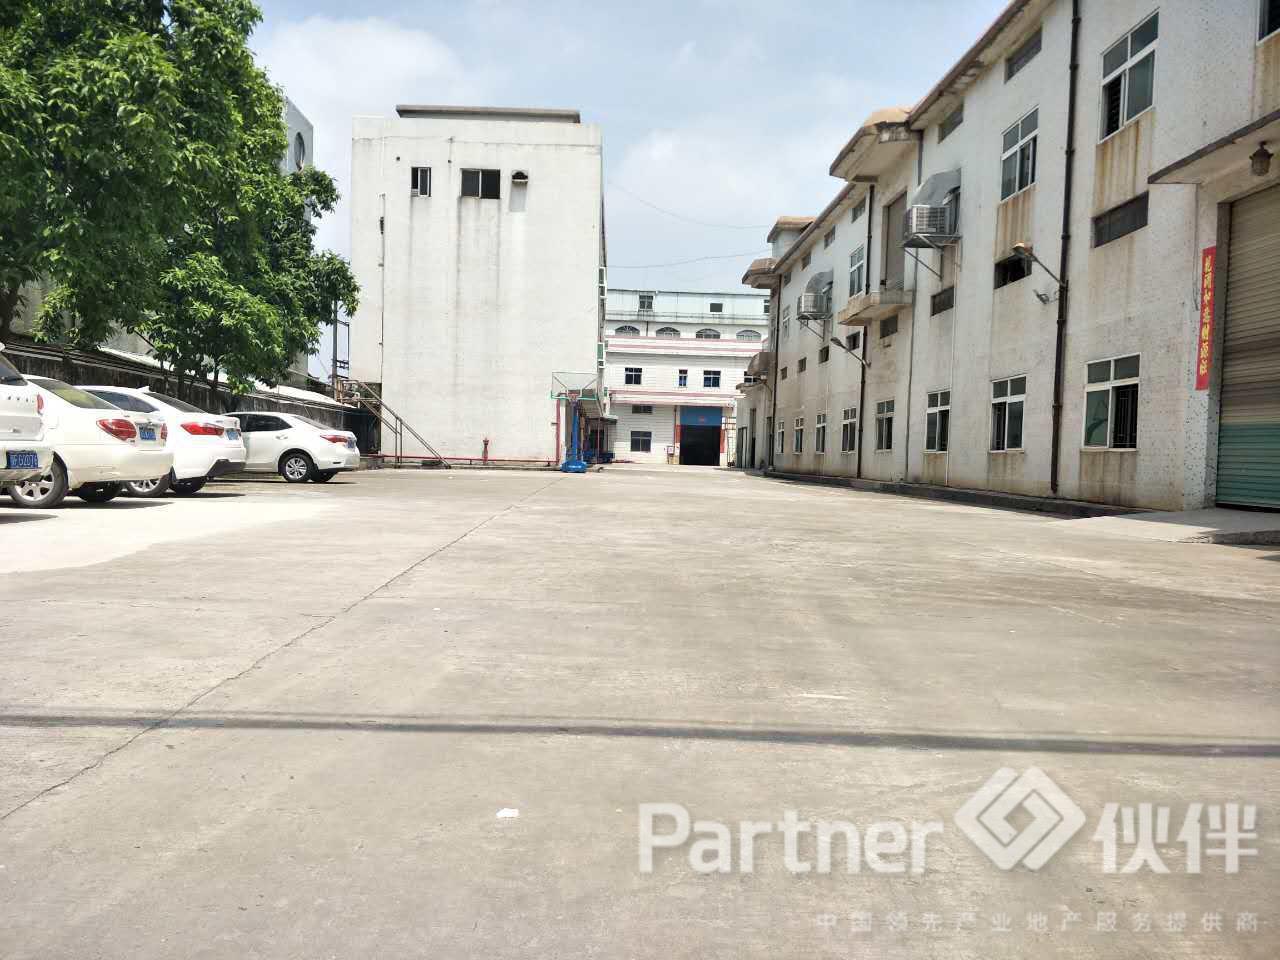 谢岗镇建筑 5300 ㎡ 村委合同厂房出售